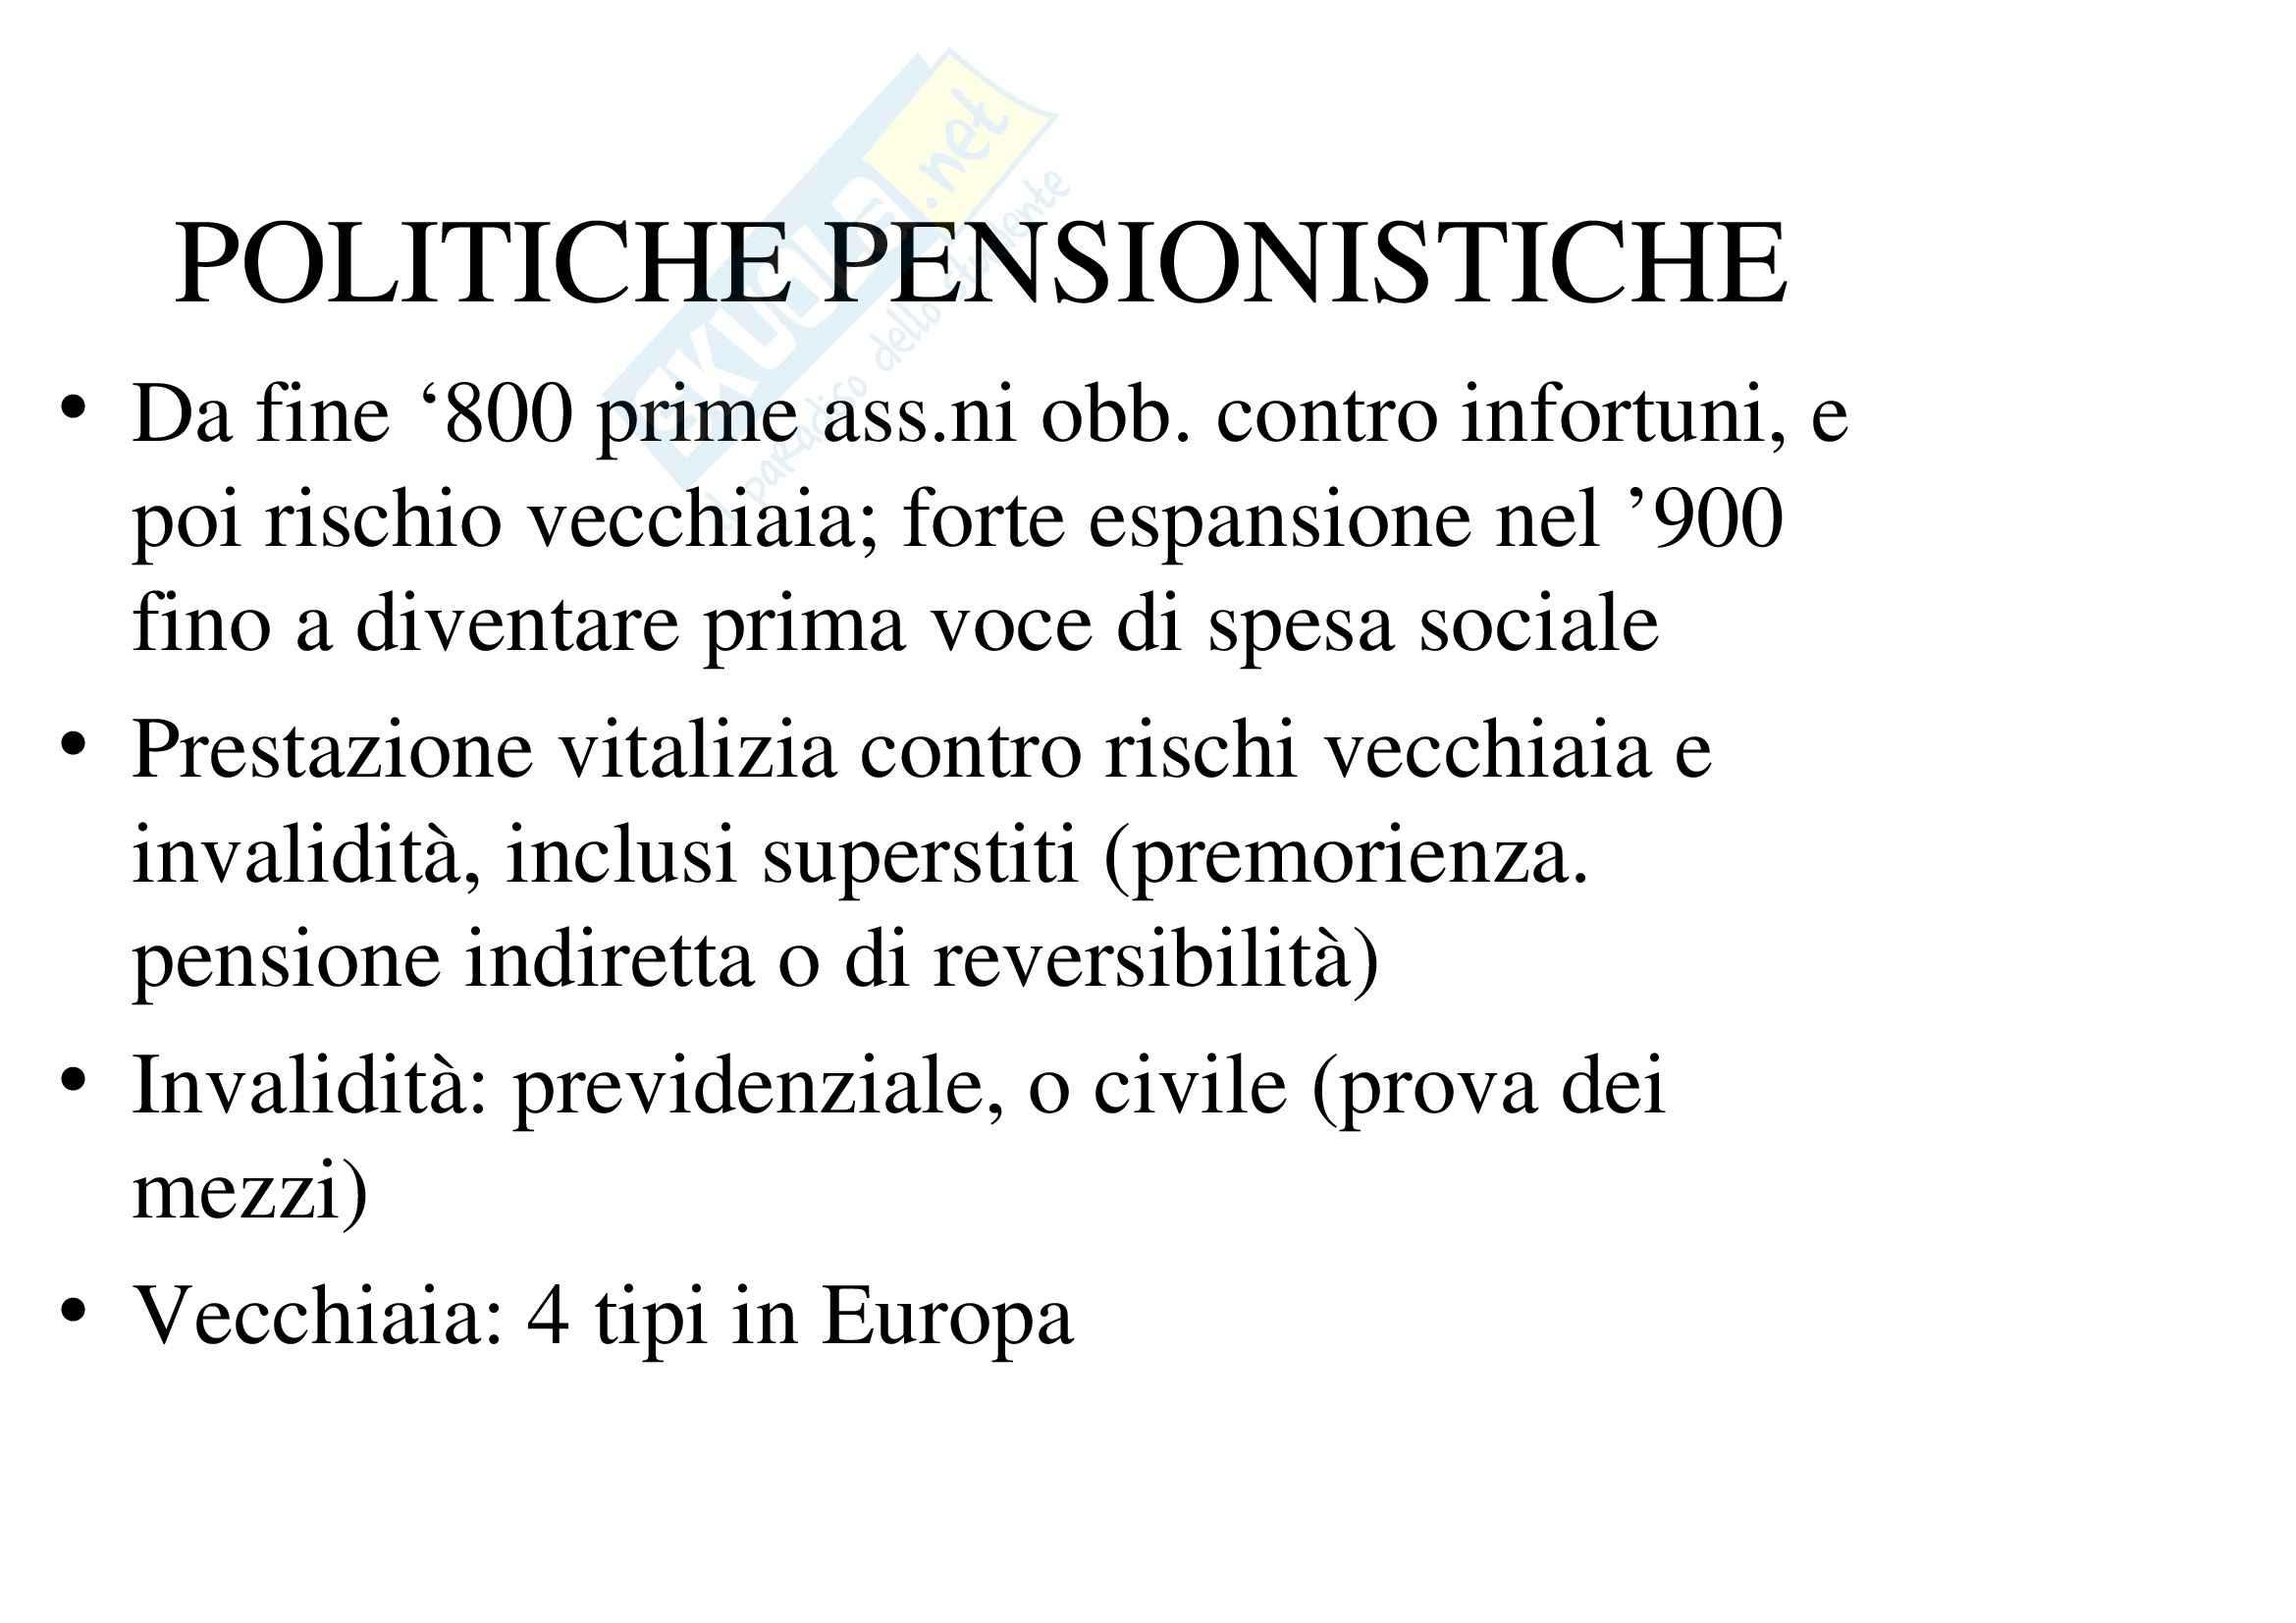 Riassunto esame Analisi delle Politiche Pubbliche, prof. Lewanski, libro consigliato Politiche Sociali, Ferrera - cap. 2